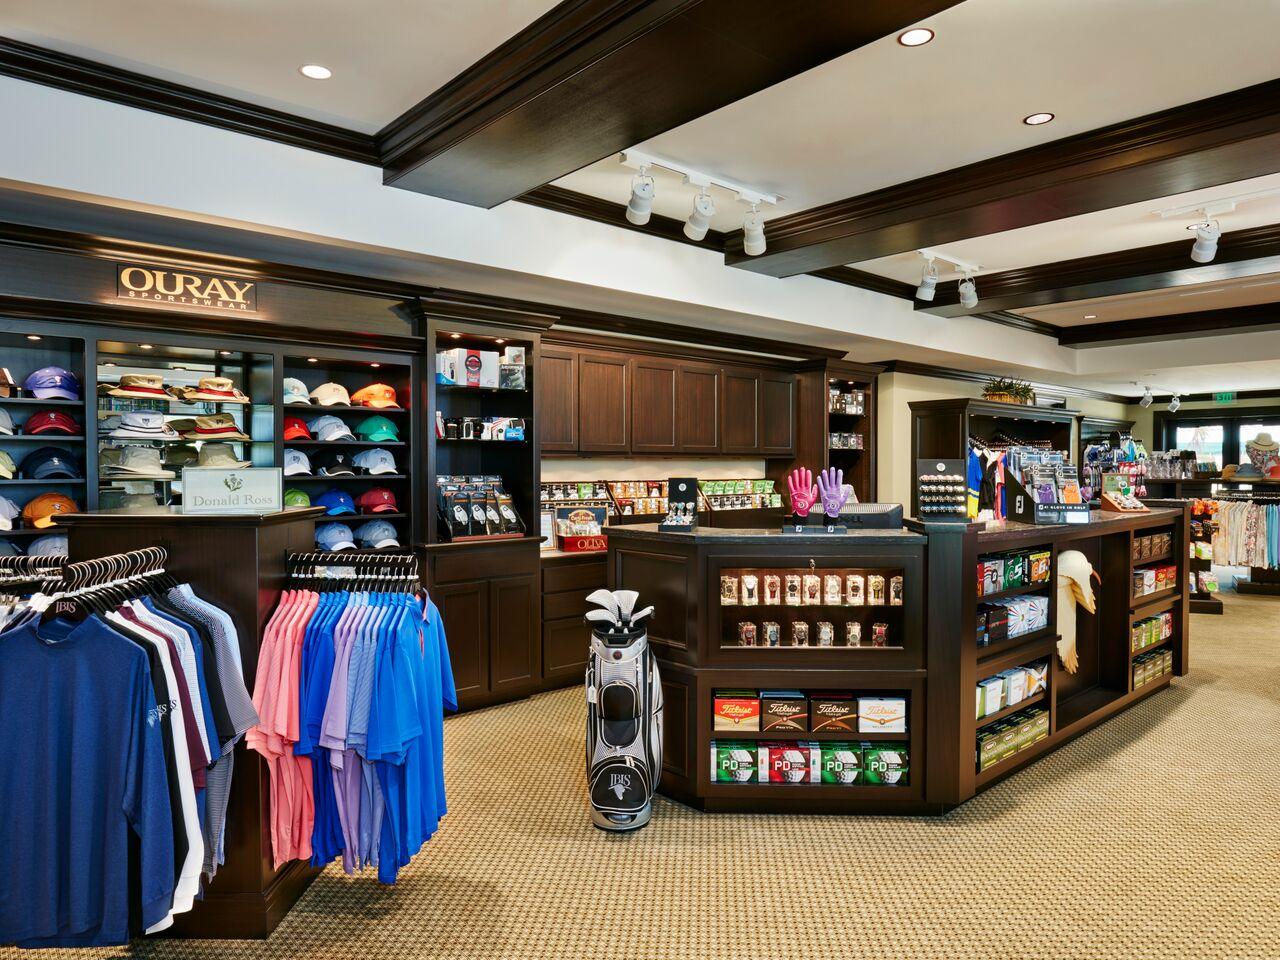 A Swingstudio for Golfers